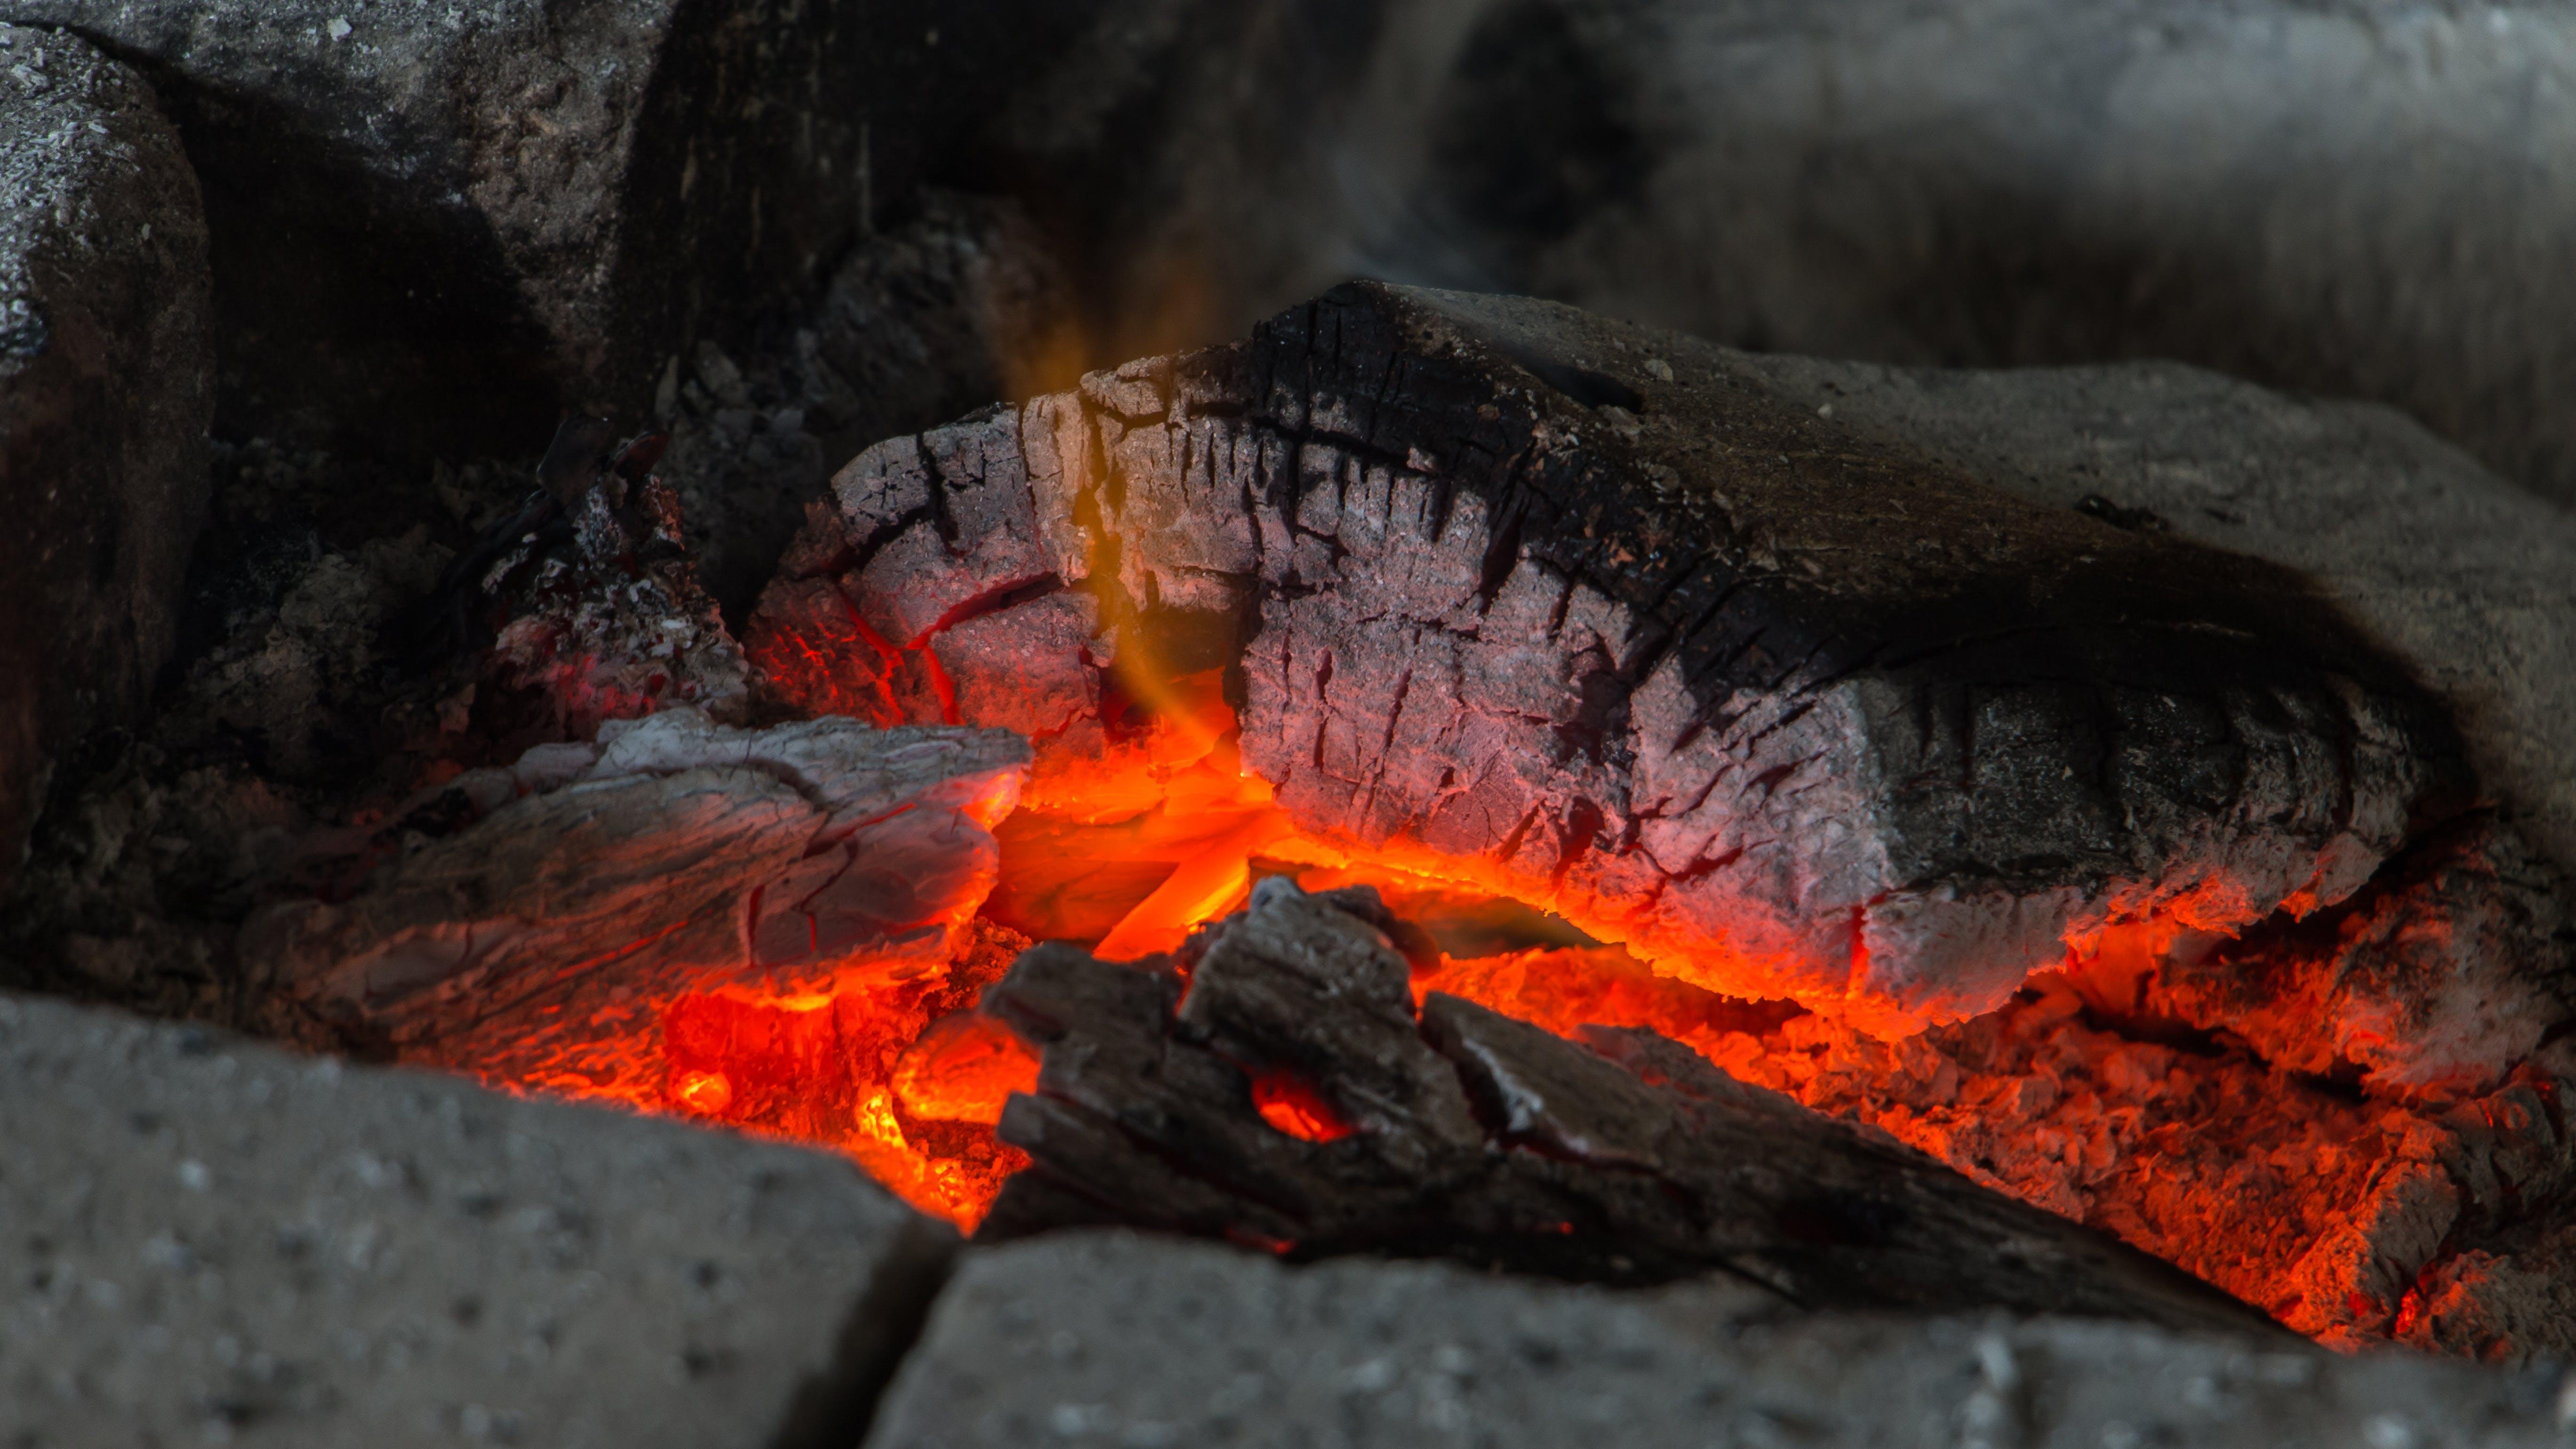 Kostenloses Stock Foto zu asche, bernstein, brand, brennbar